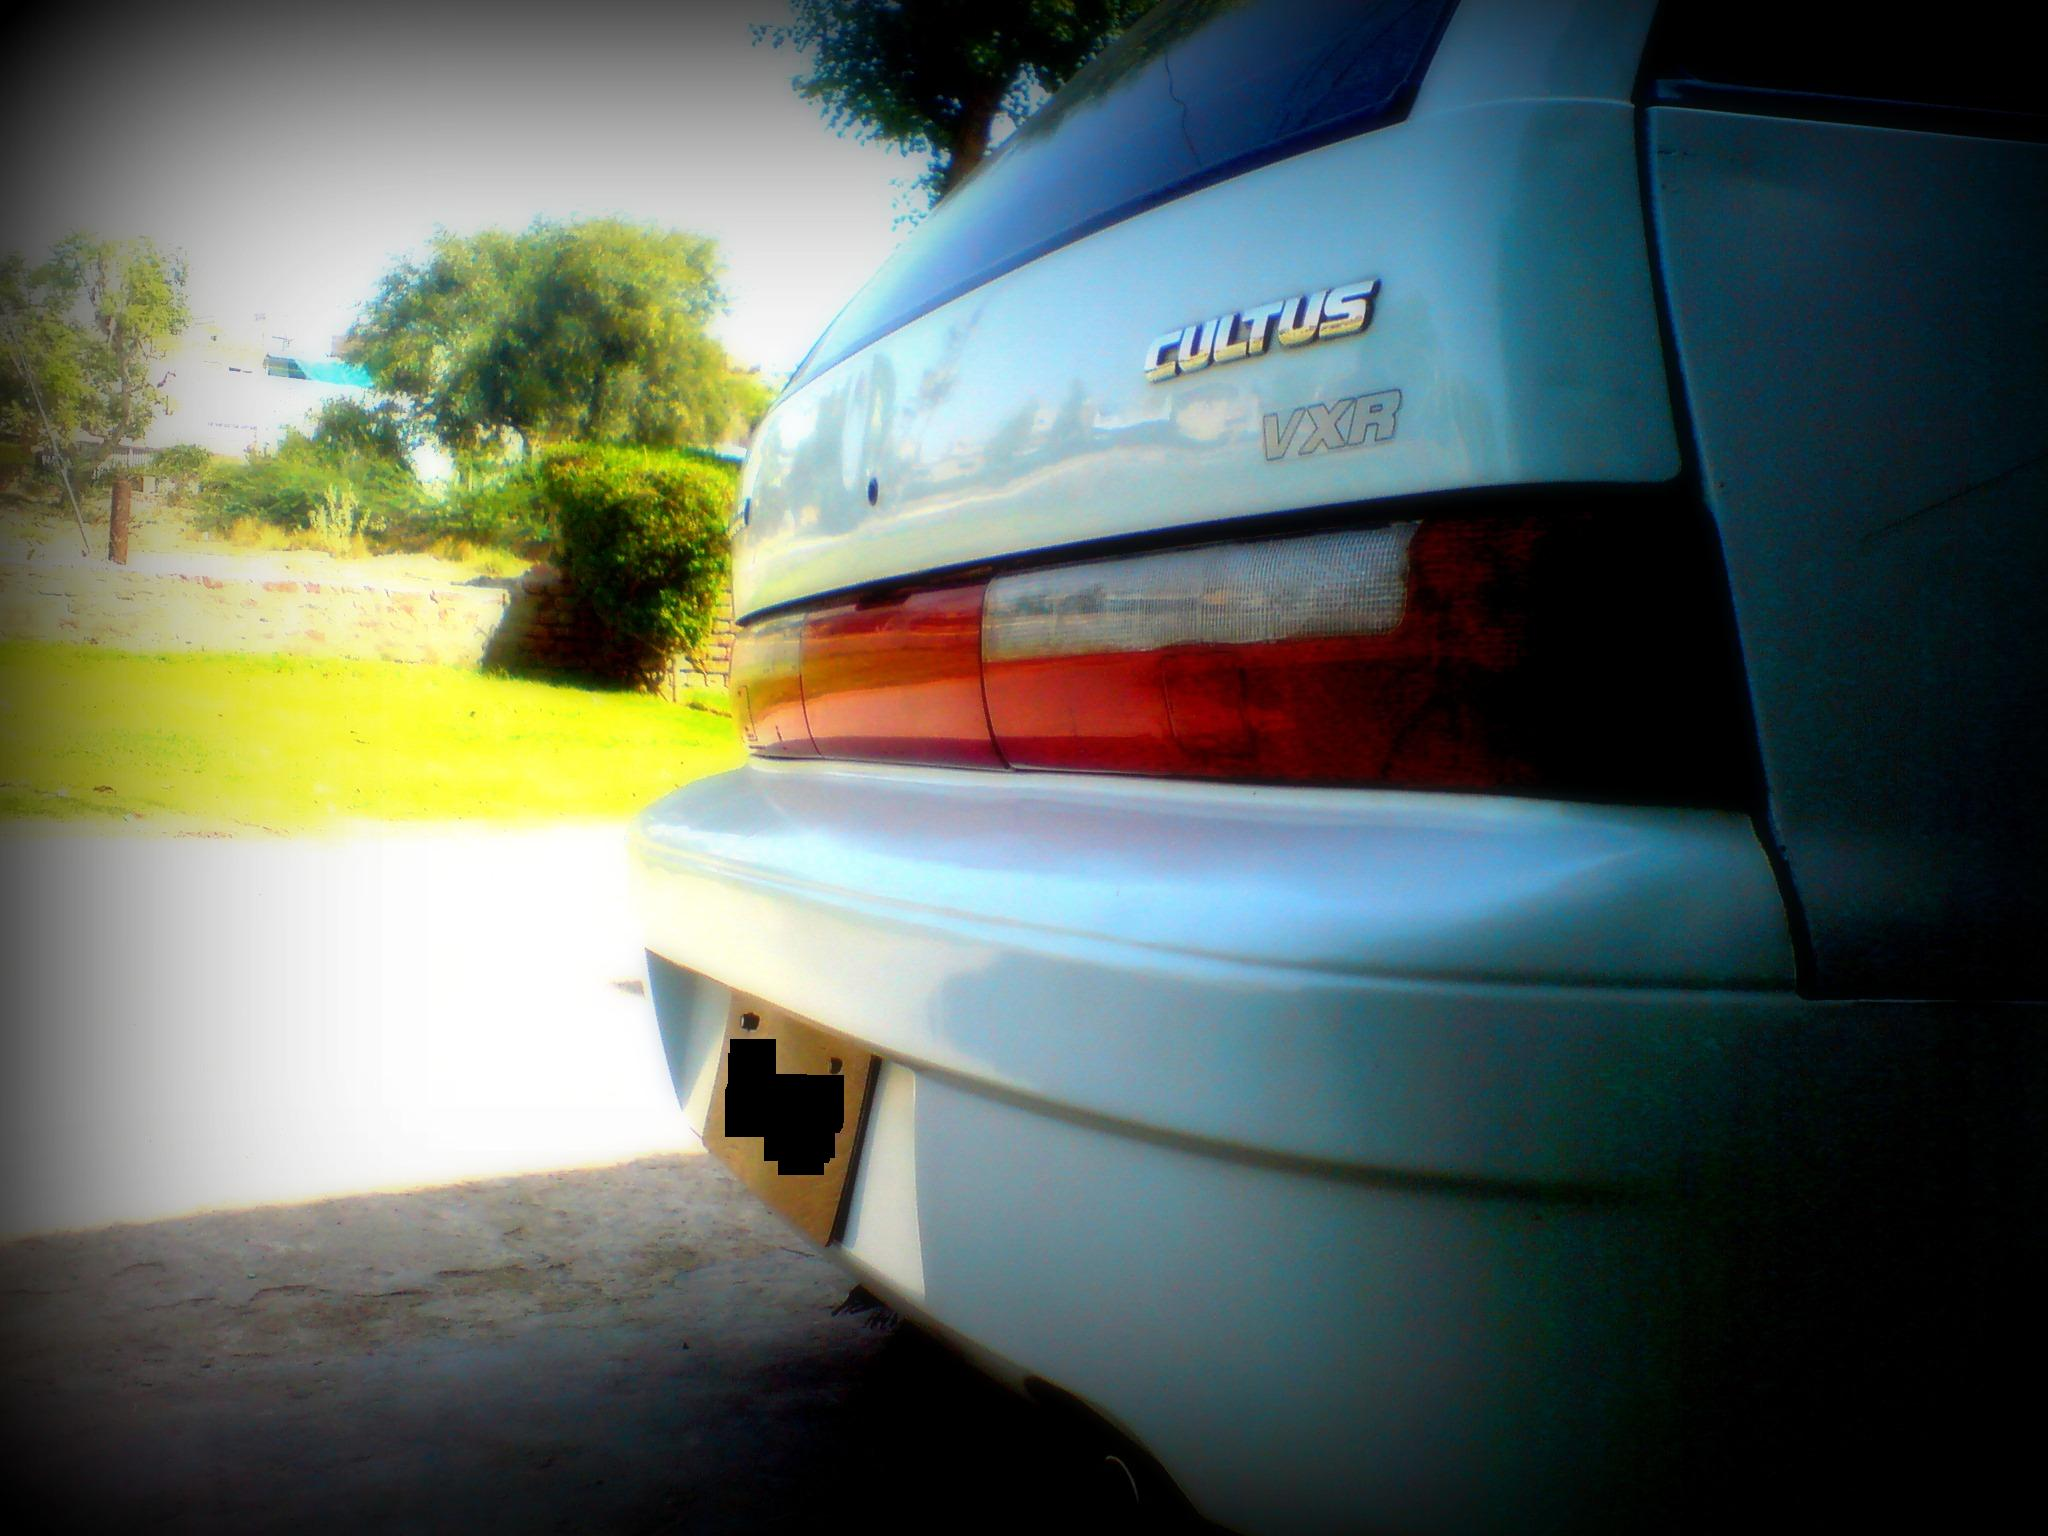 Suzuki Cultus - 2004 bWp dragerZ cluB Image-1